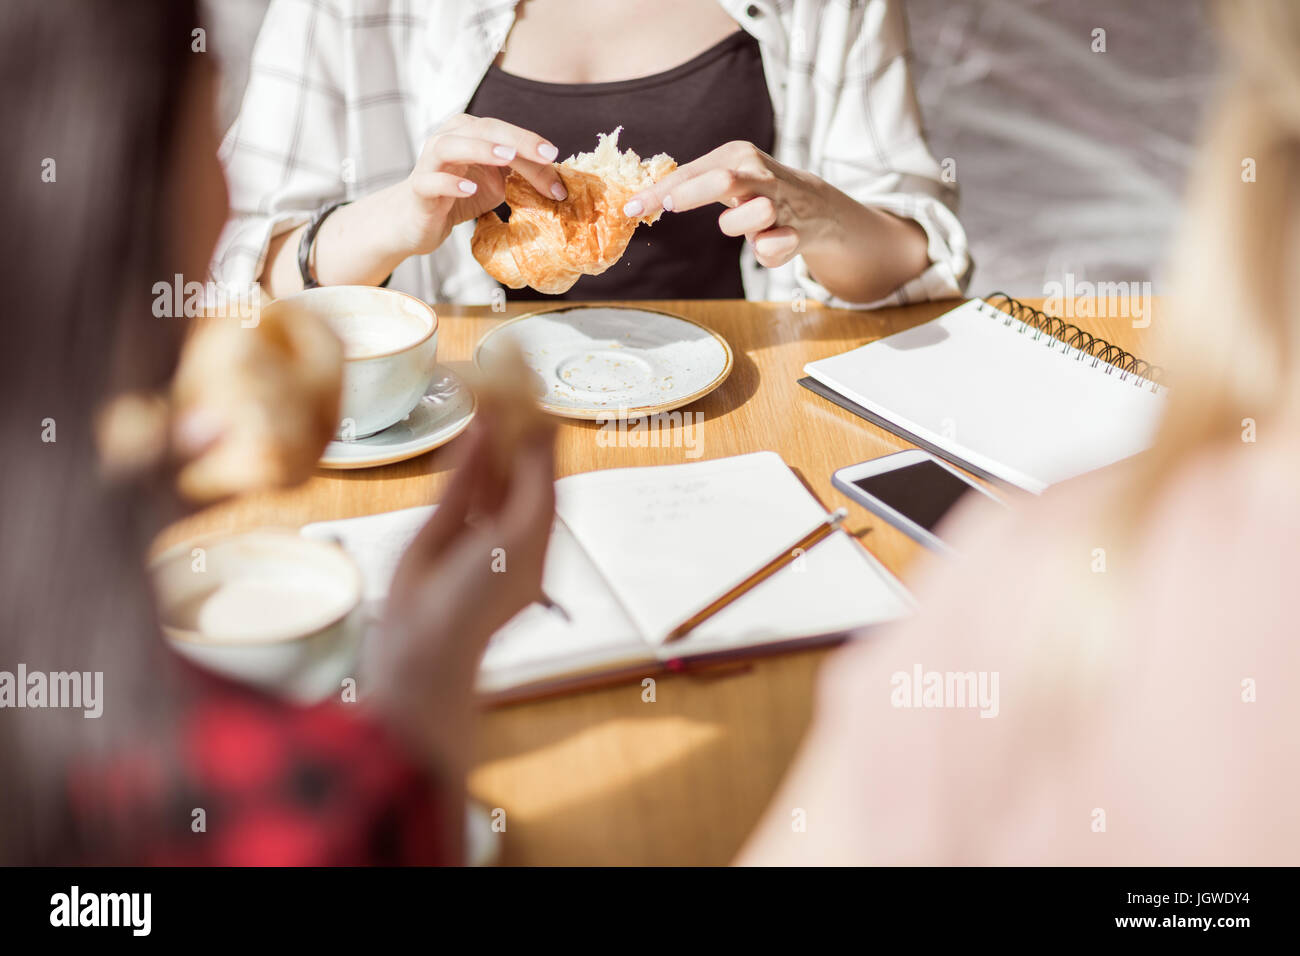 Les jeunes filles de manger des croissants et boire du café au café, la pause-café Photo Stock